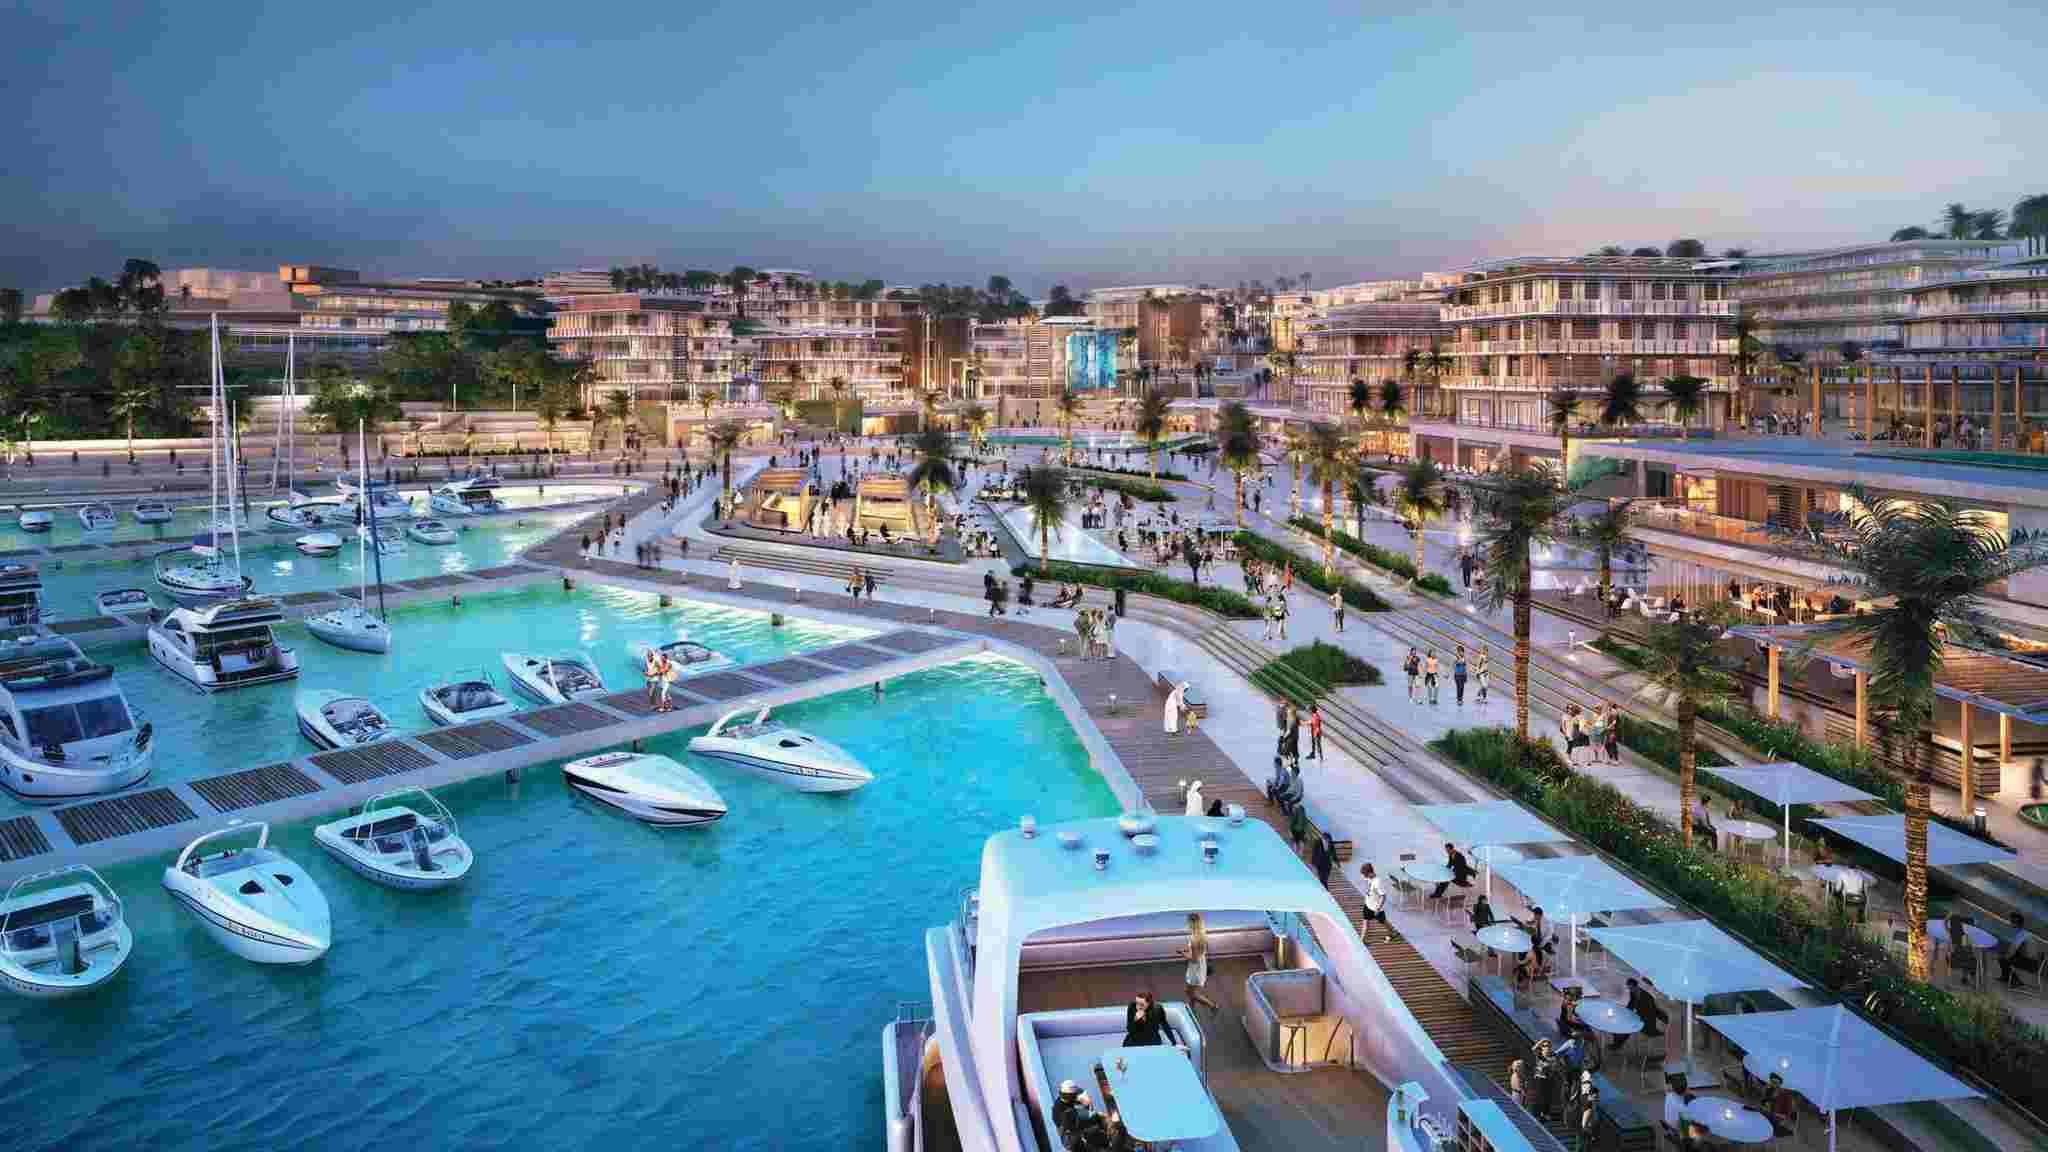 أفضل أماكن بمصر للاستثمار العقاري - الساحل الشمالي